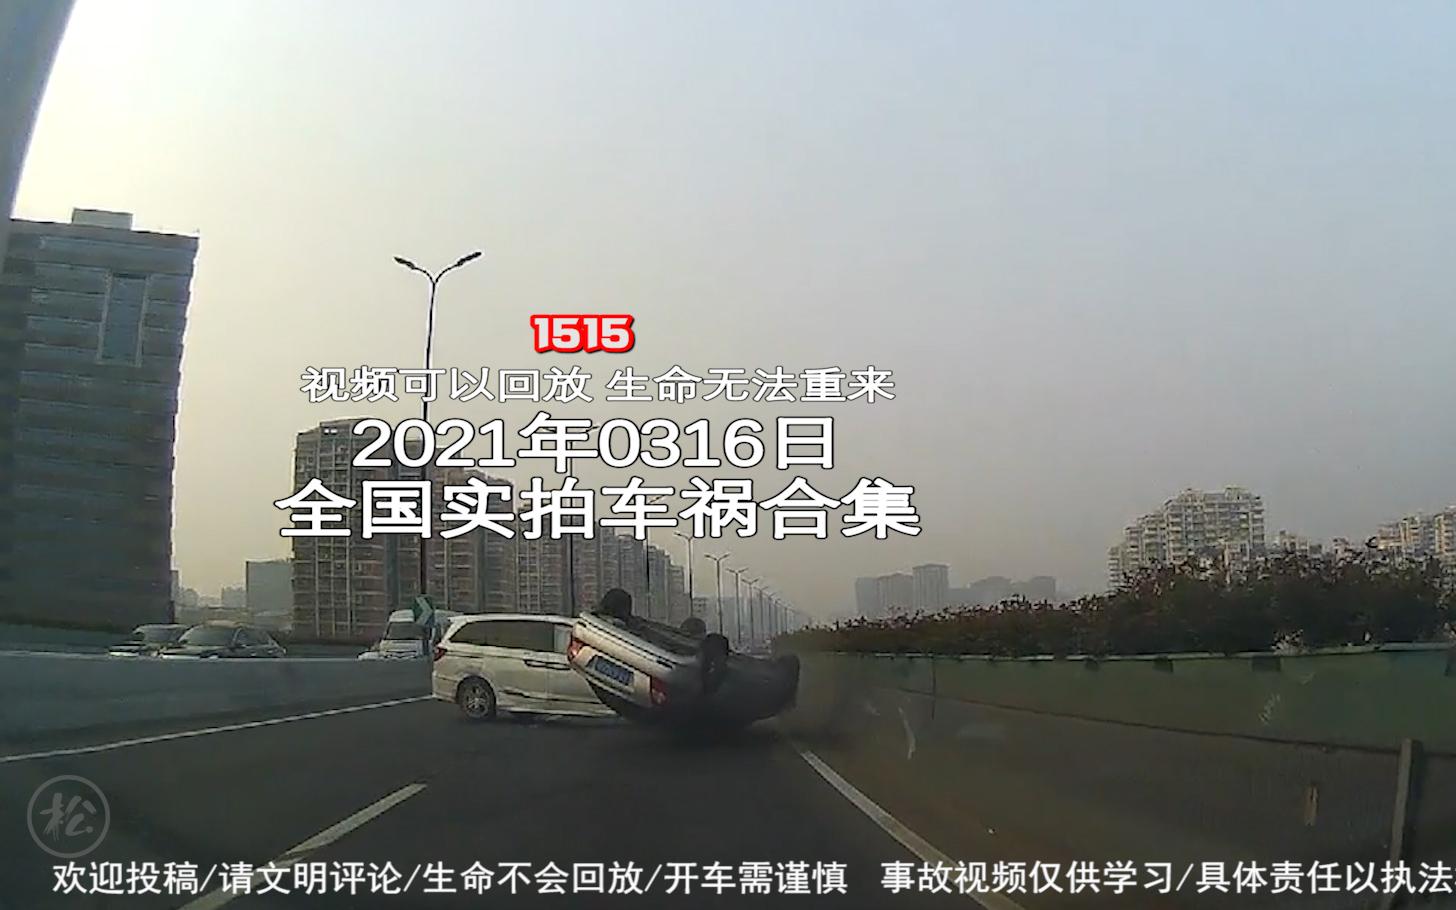 1515期:大货车刹车失灵冲上自救匝道保住一命【20210316全国车祸合集】